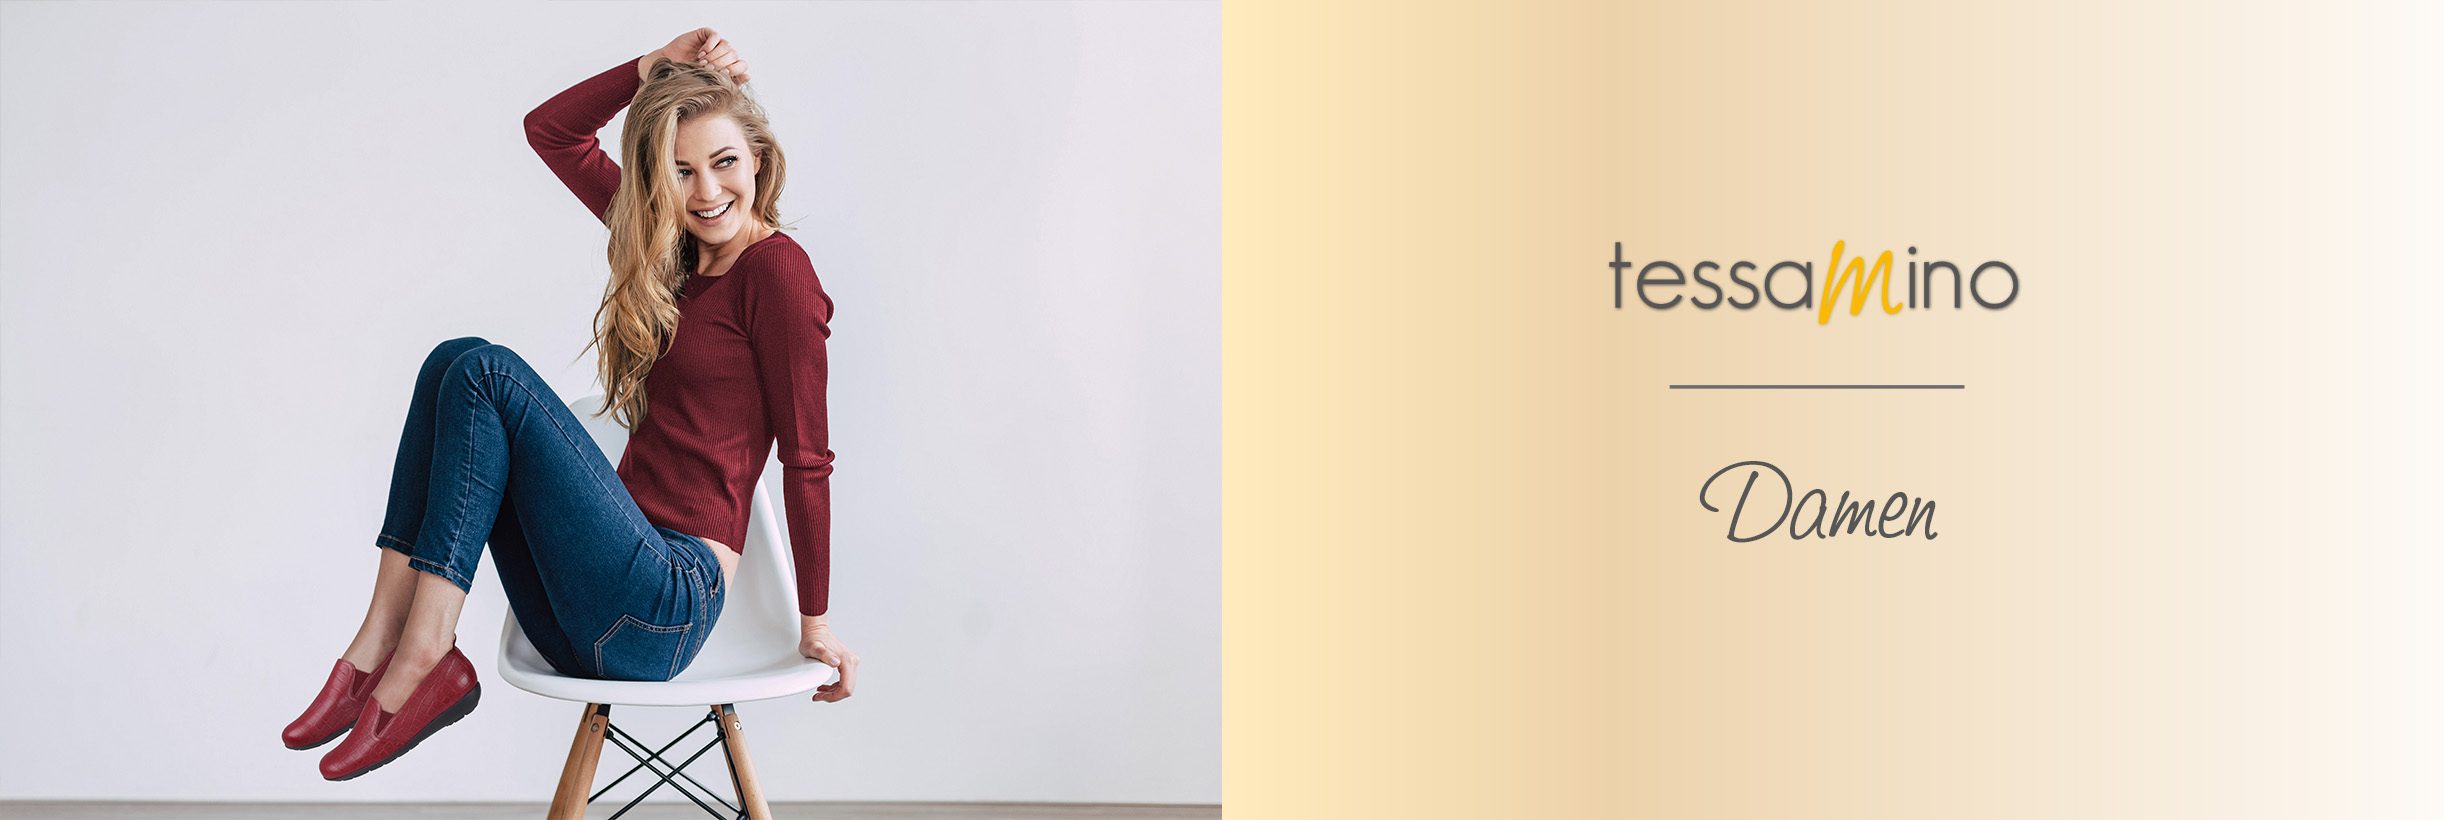 Kategoriebild Bequeme Damenschuhe von tessamino - komfortabel, elegant und hochwertig